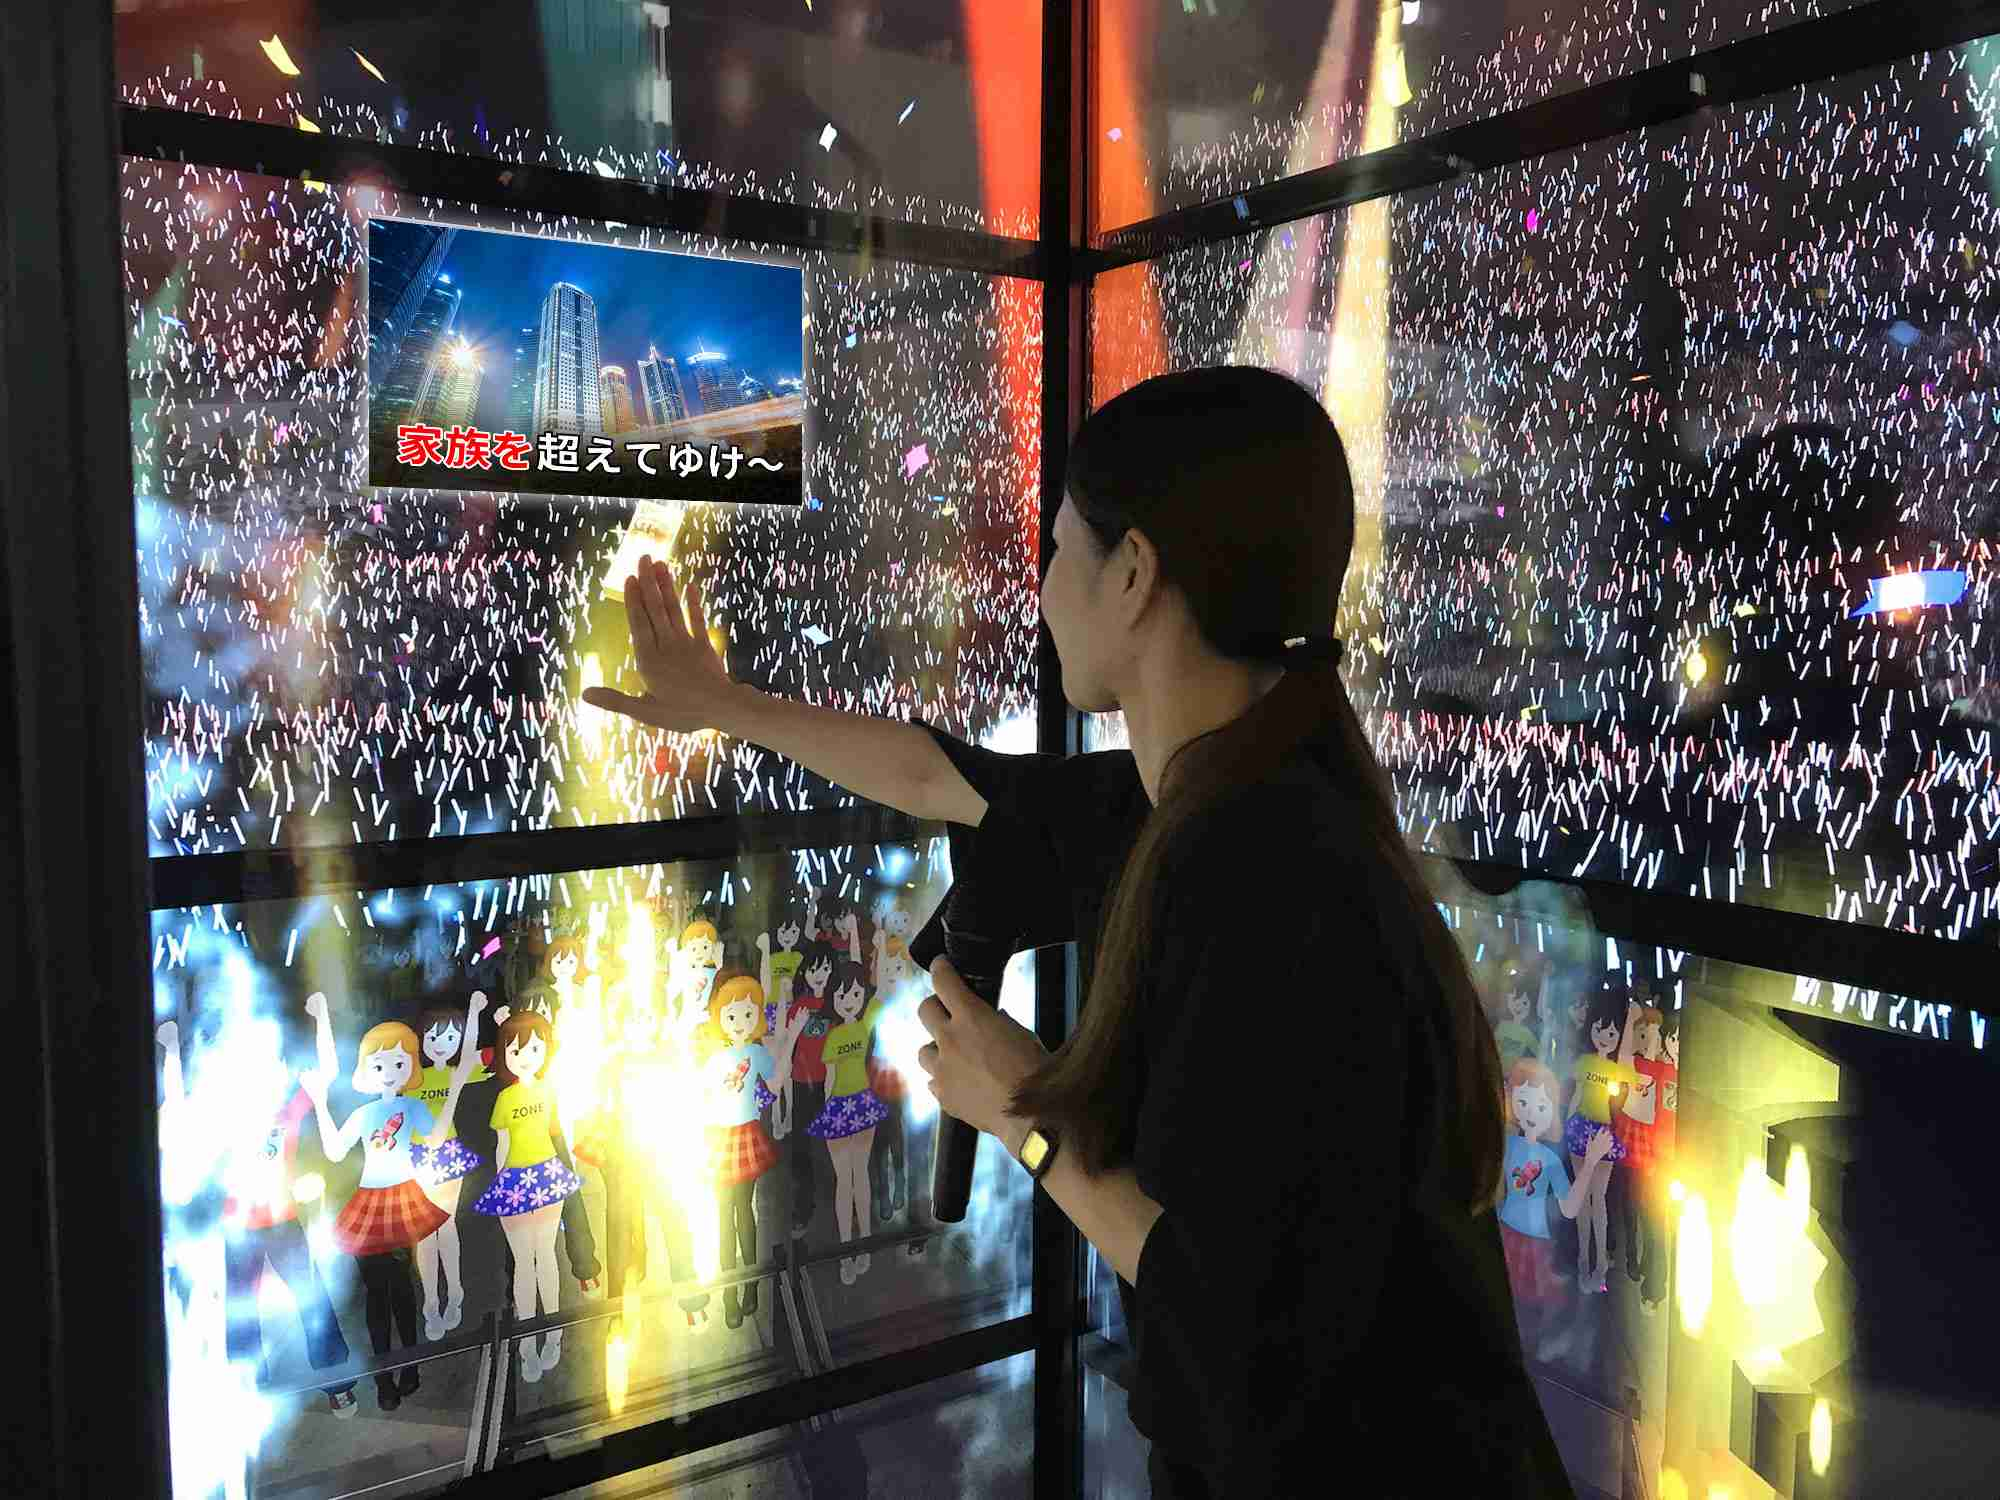 360度観客に囲まれ熱唱 VRで「超感覚カラオケ」 「変なホテル」に登場 - ITmedia NEWS